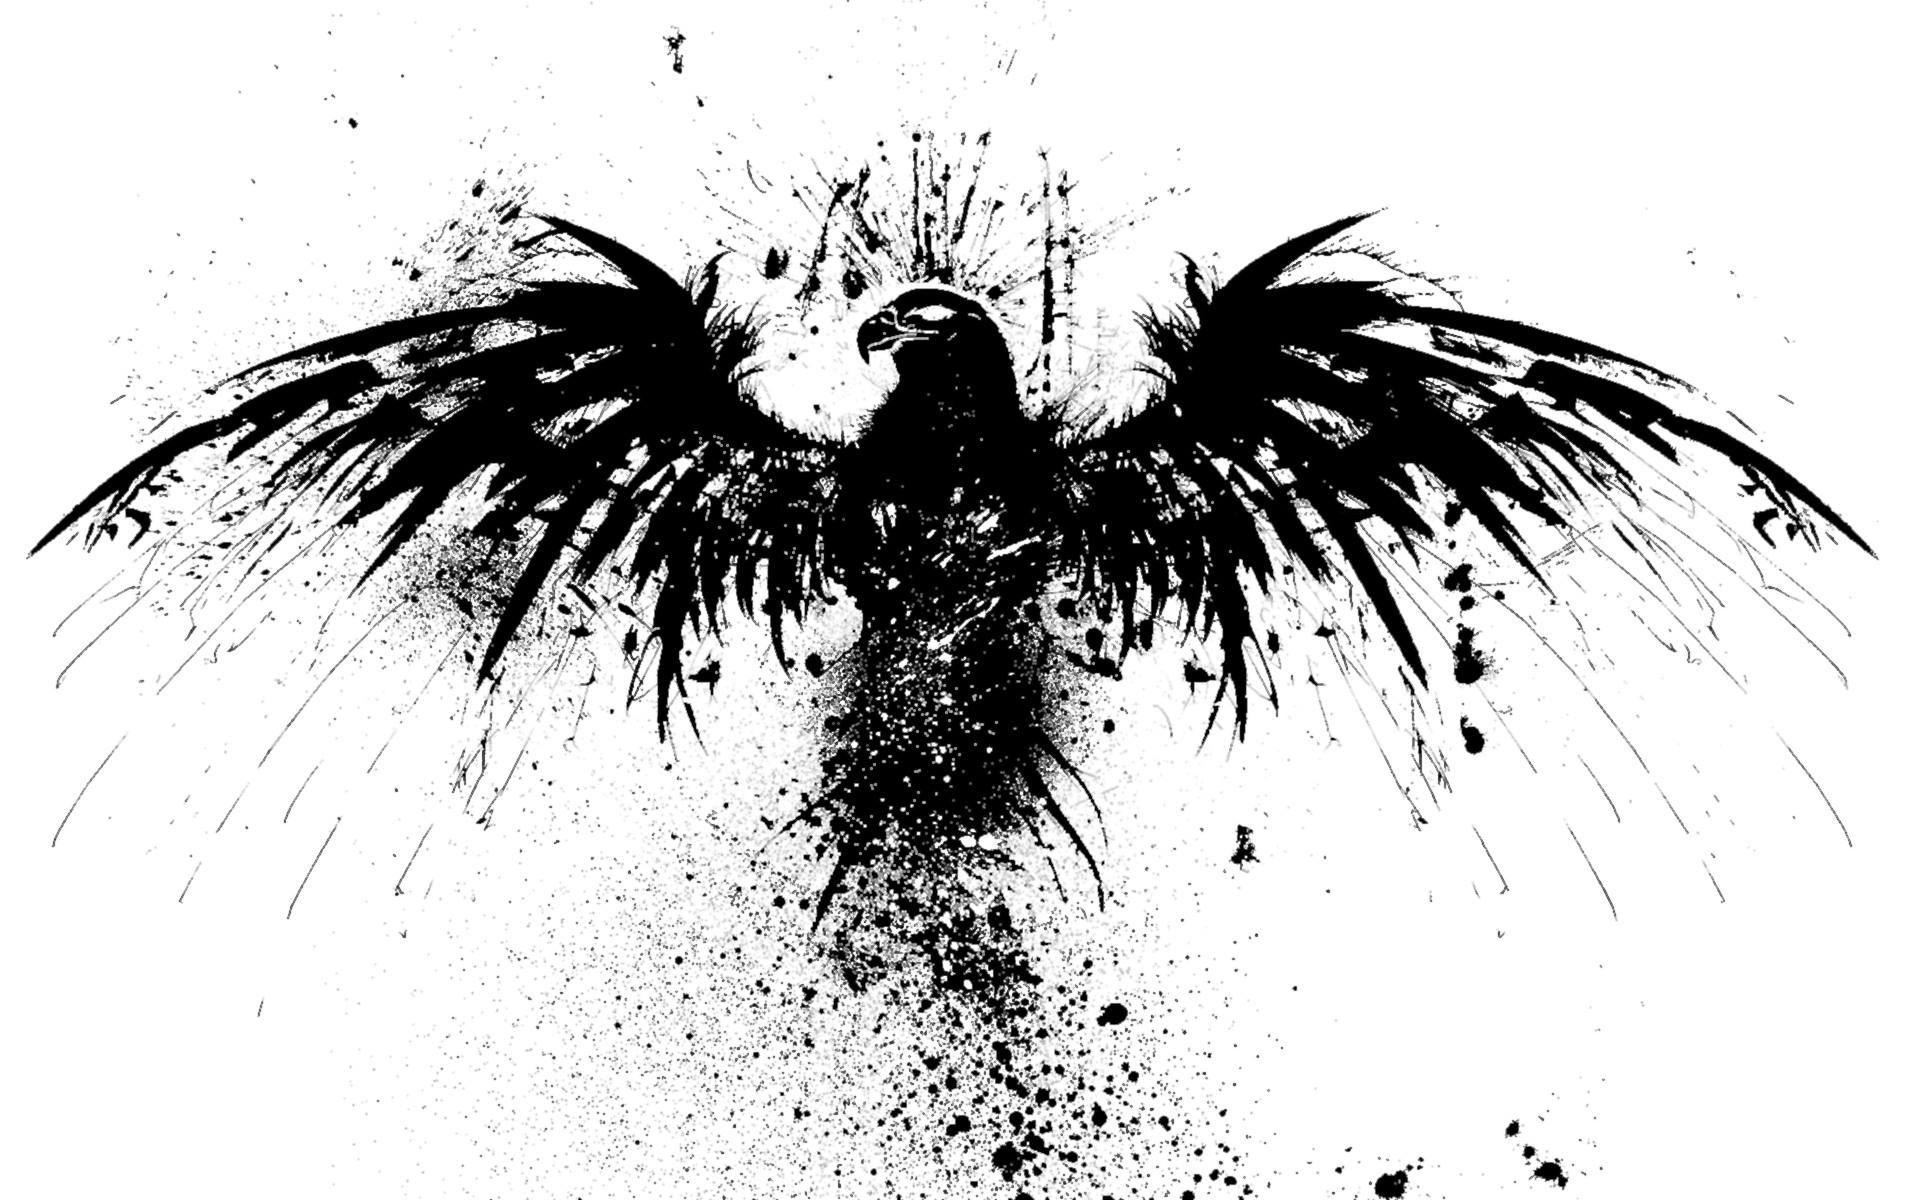 Black Eagle Tattoo 1920x1200 Download Hd Wallpaper Wallpapertip Eagle tattoo wallpaper free download